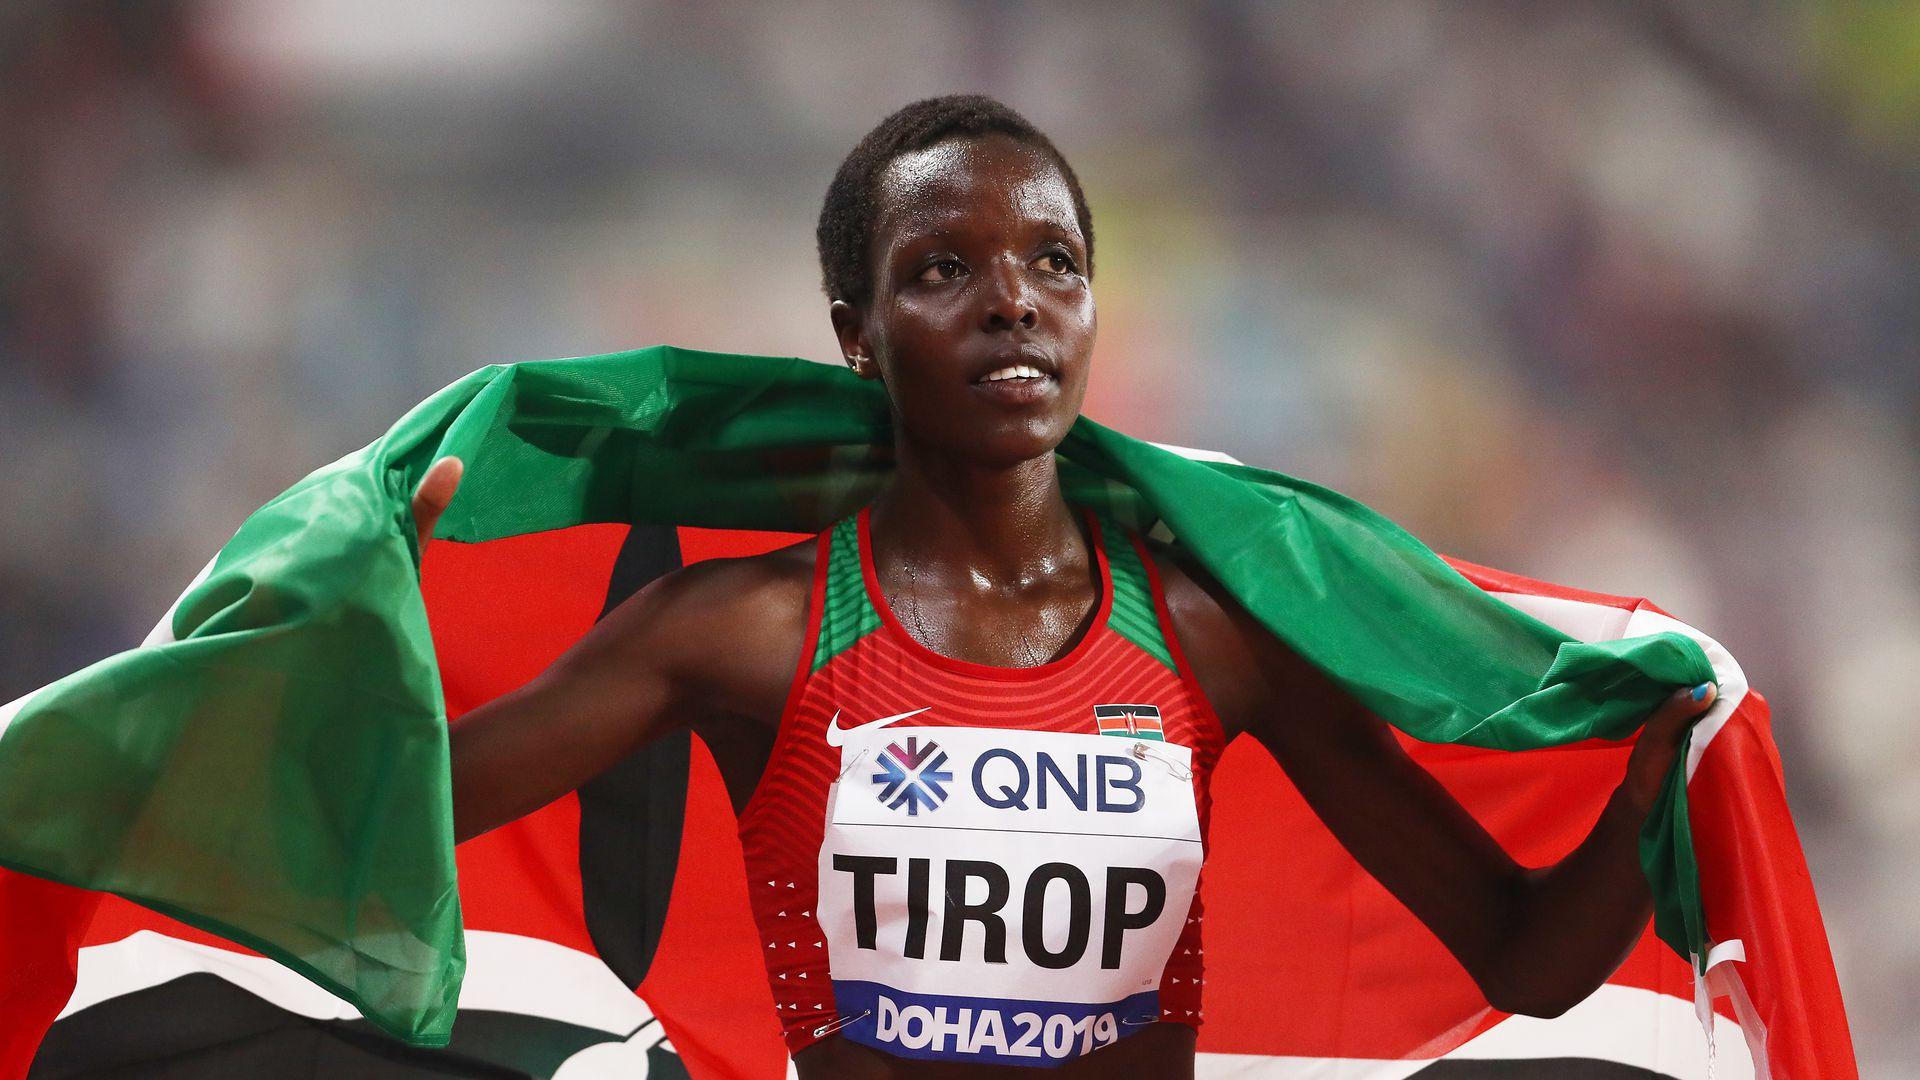 Stichwunden: Olympia-Star Agnes Tirop (25) ist verstorben